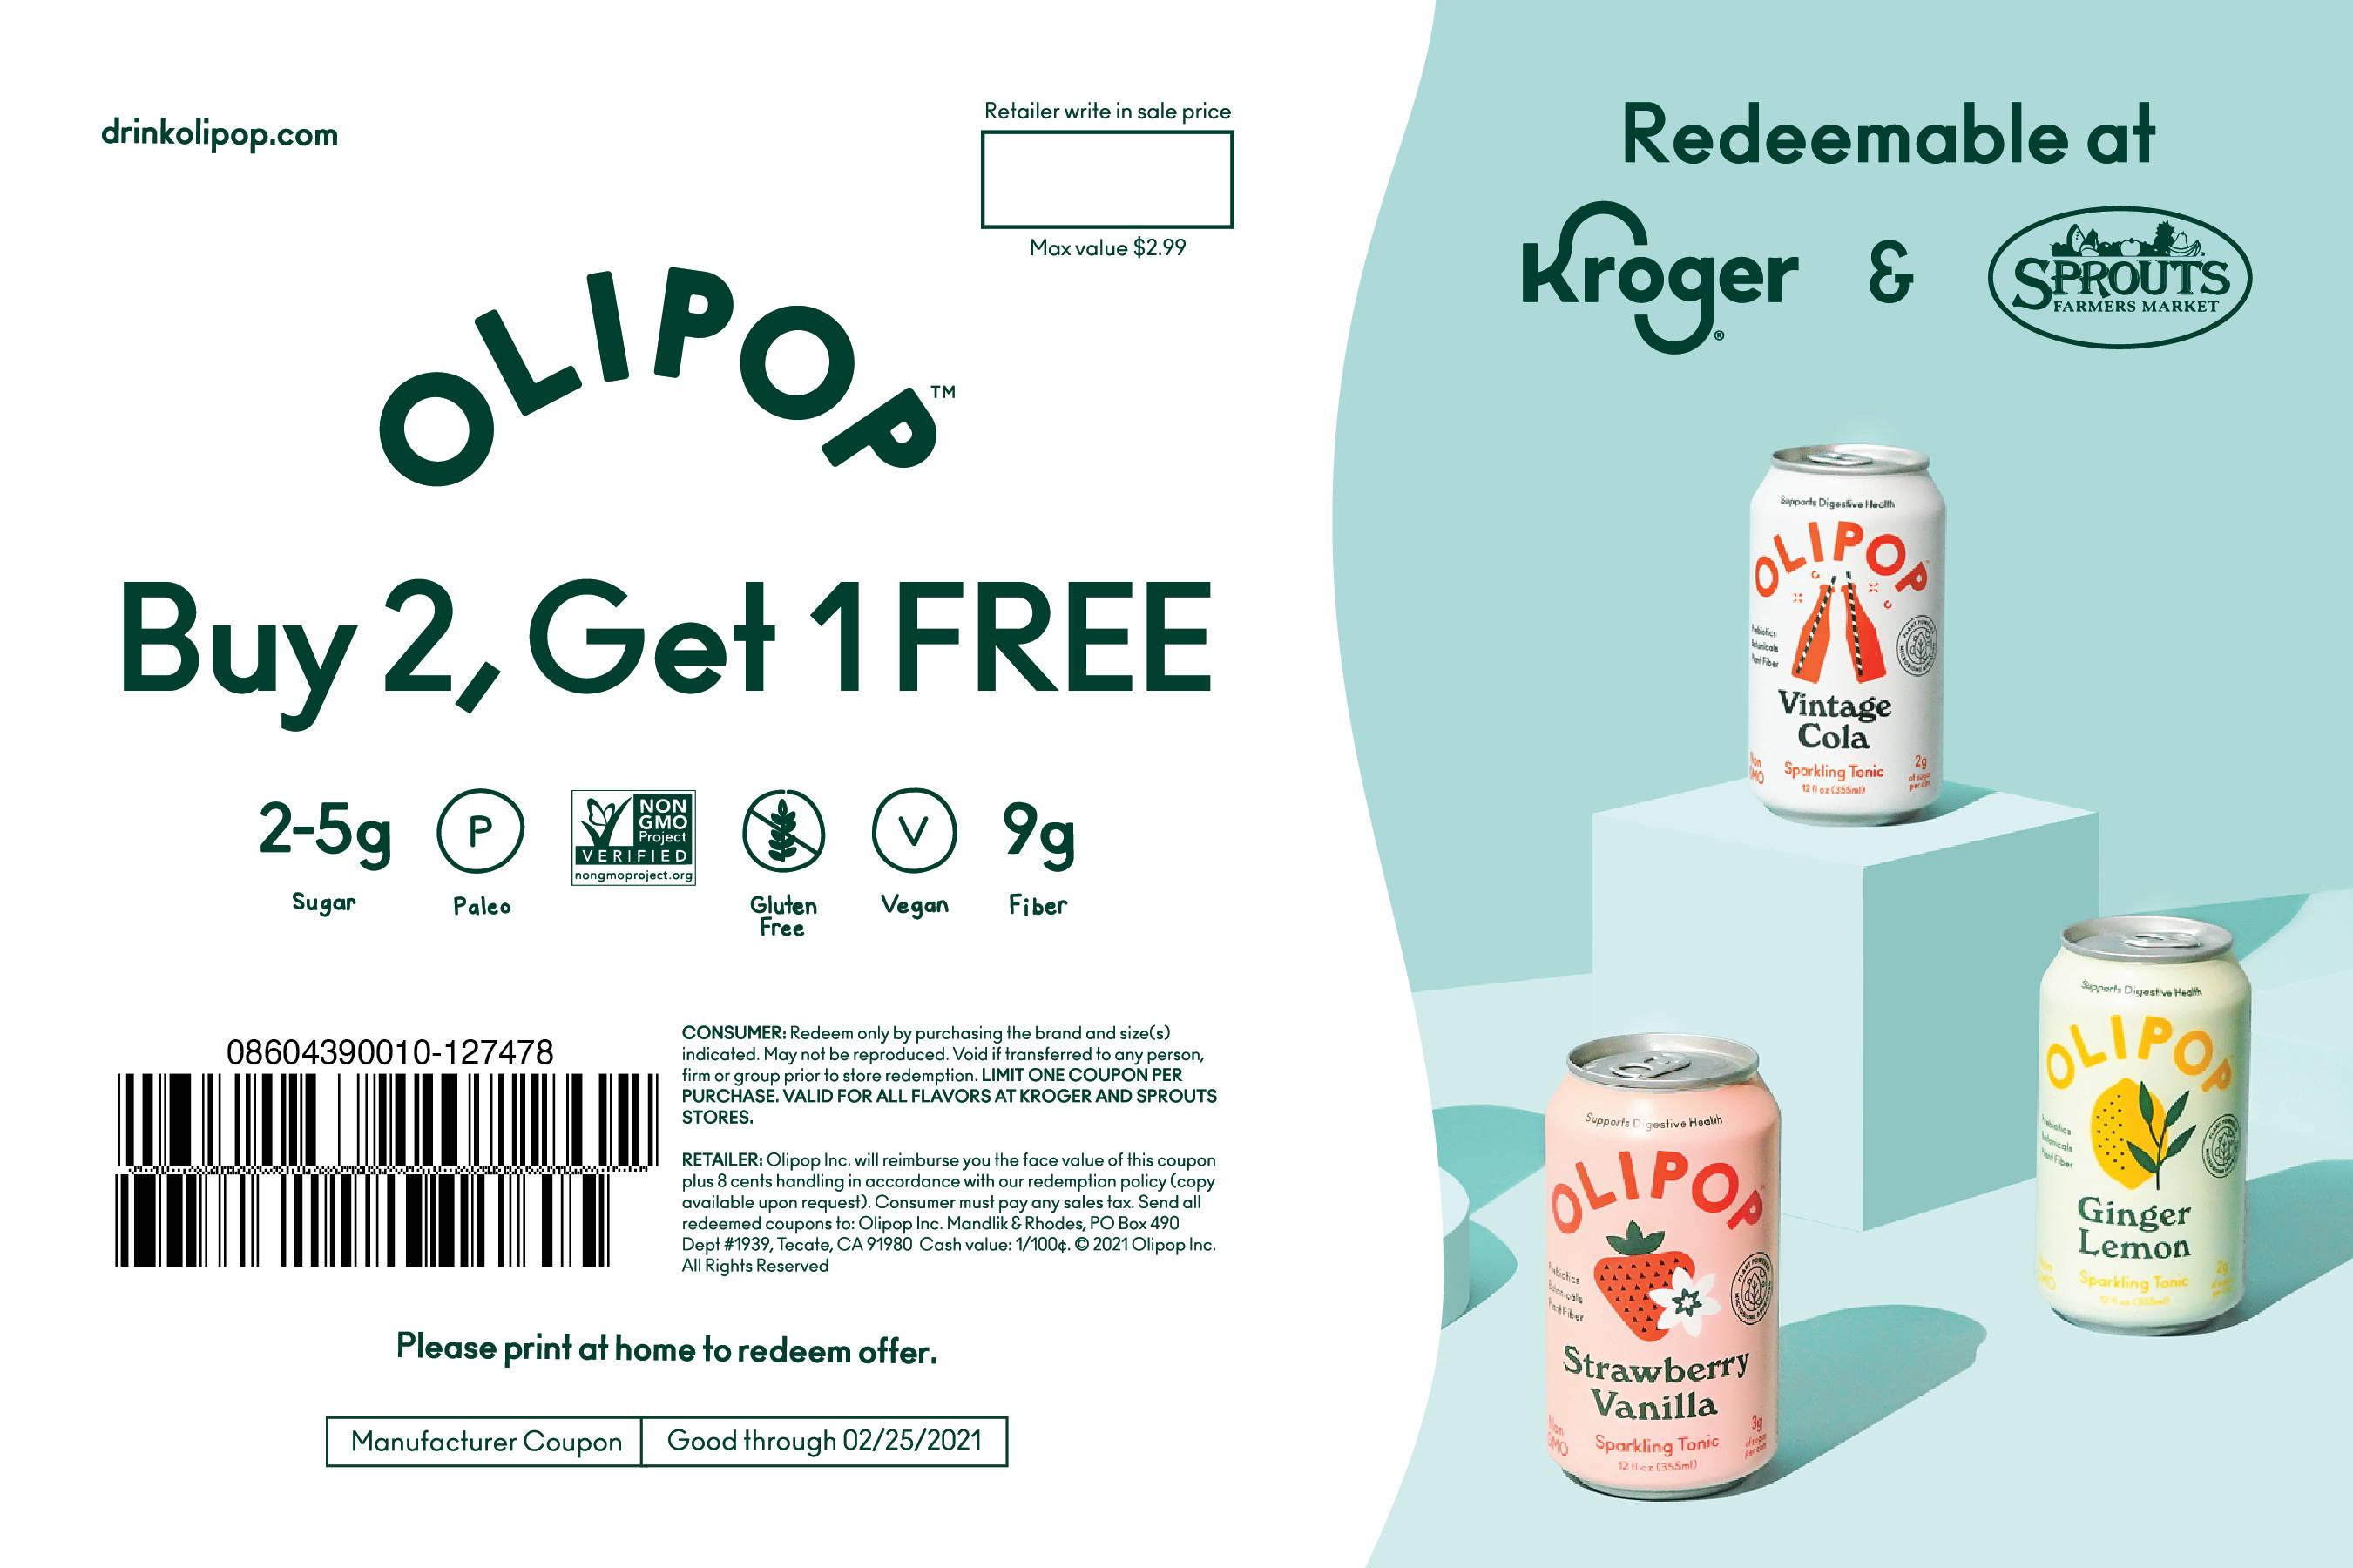 Buy 2, Get 1 Free coupon